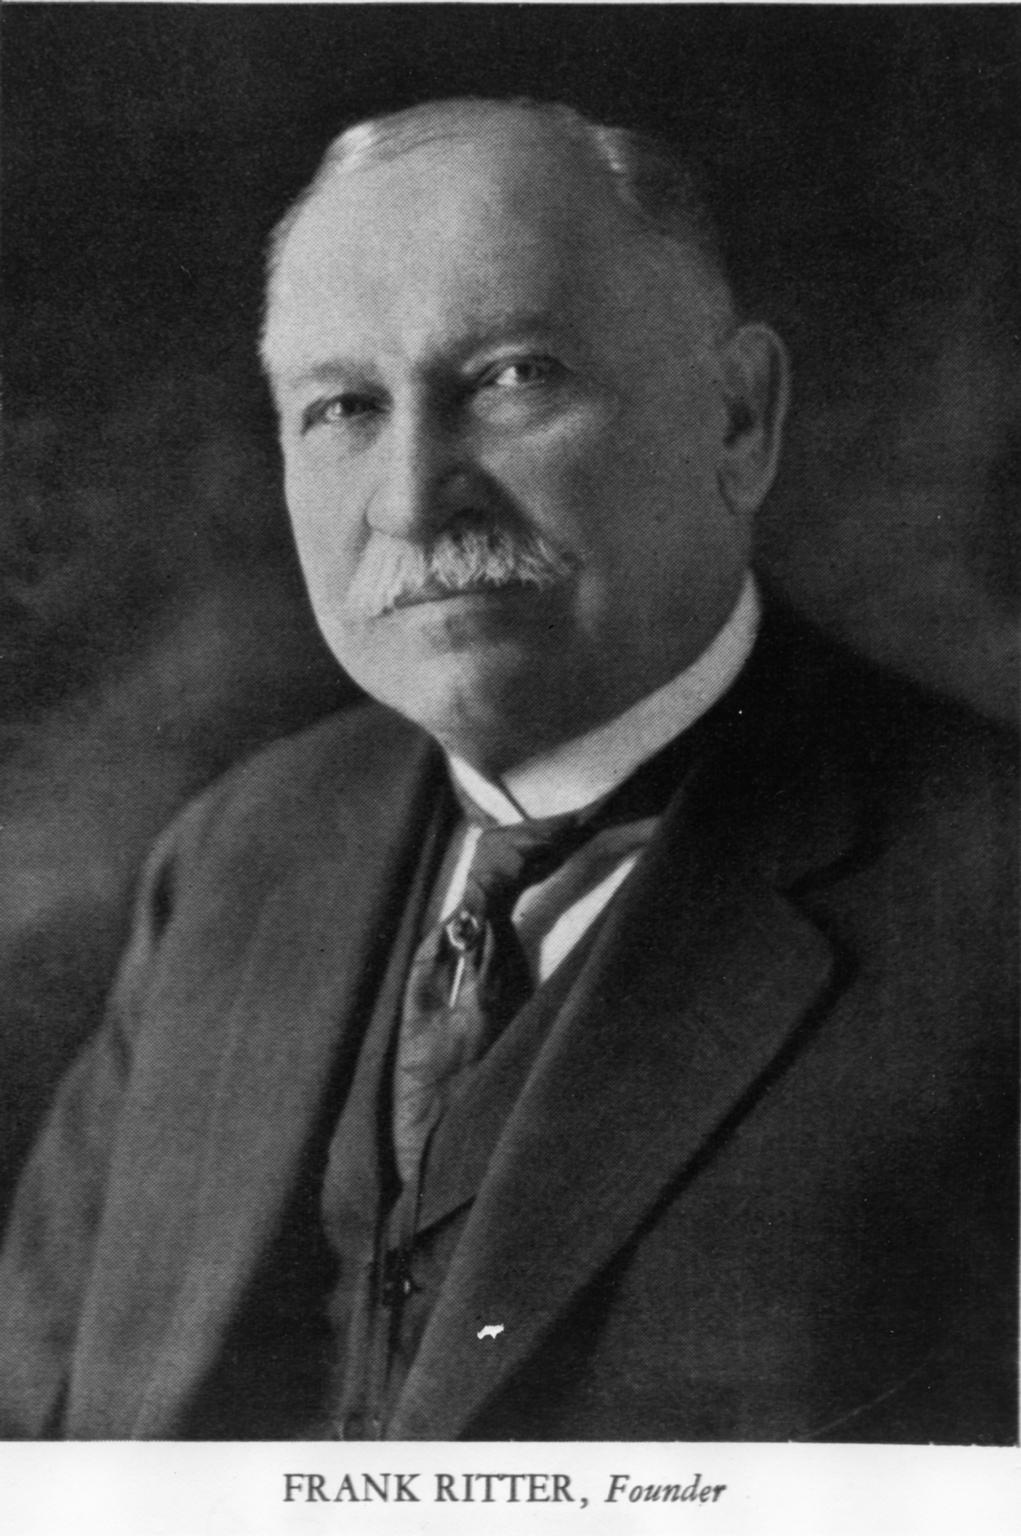 Frank Ritter